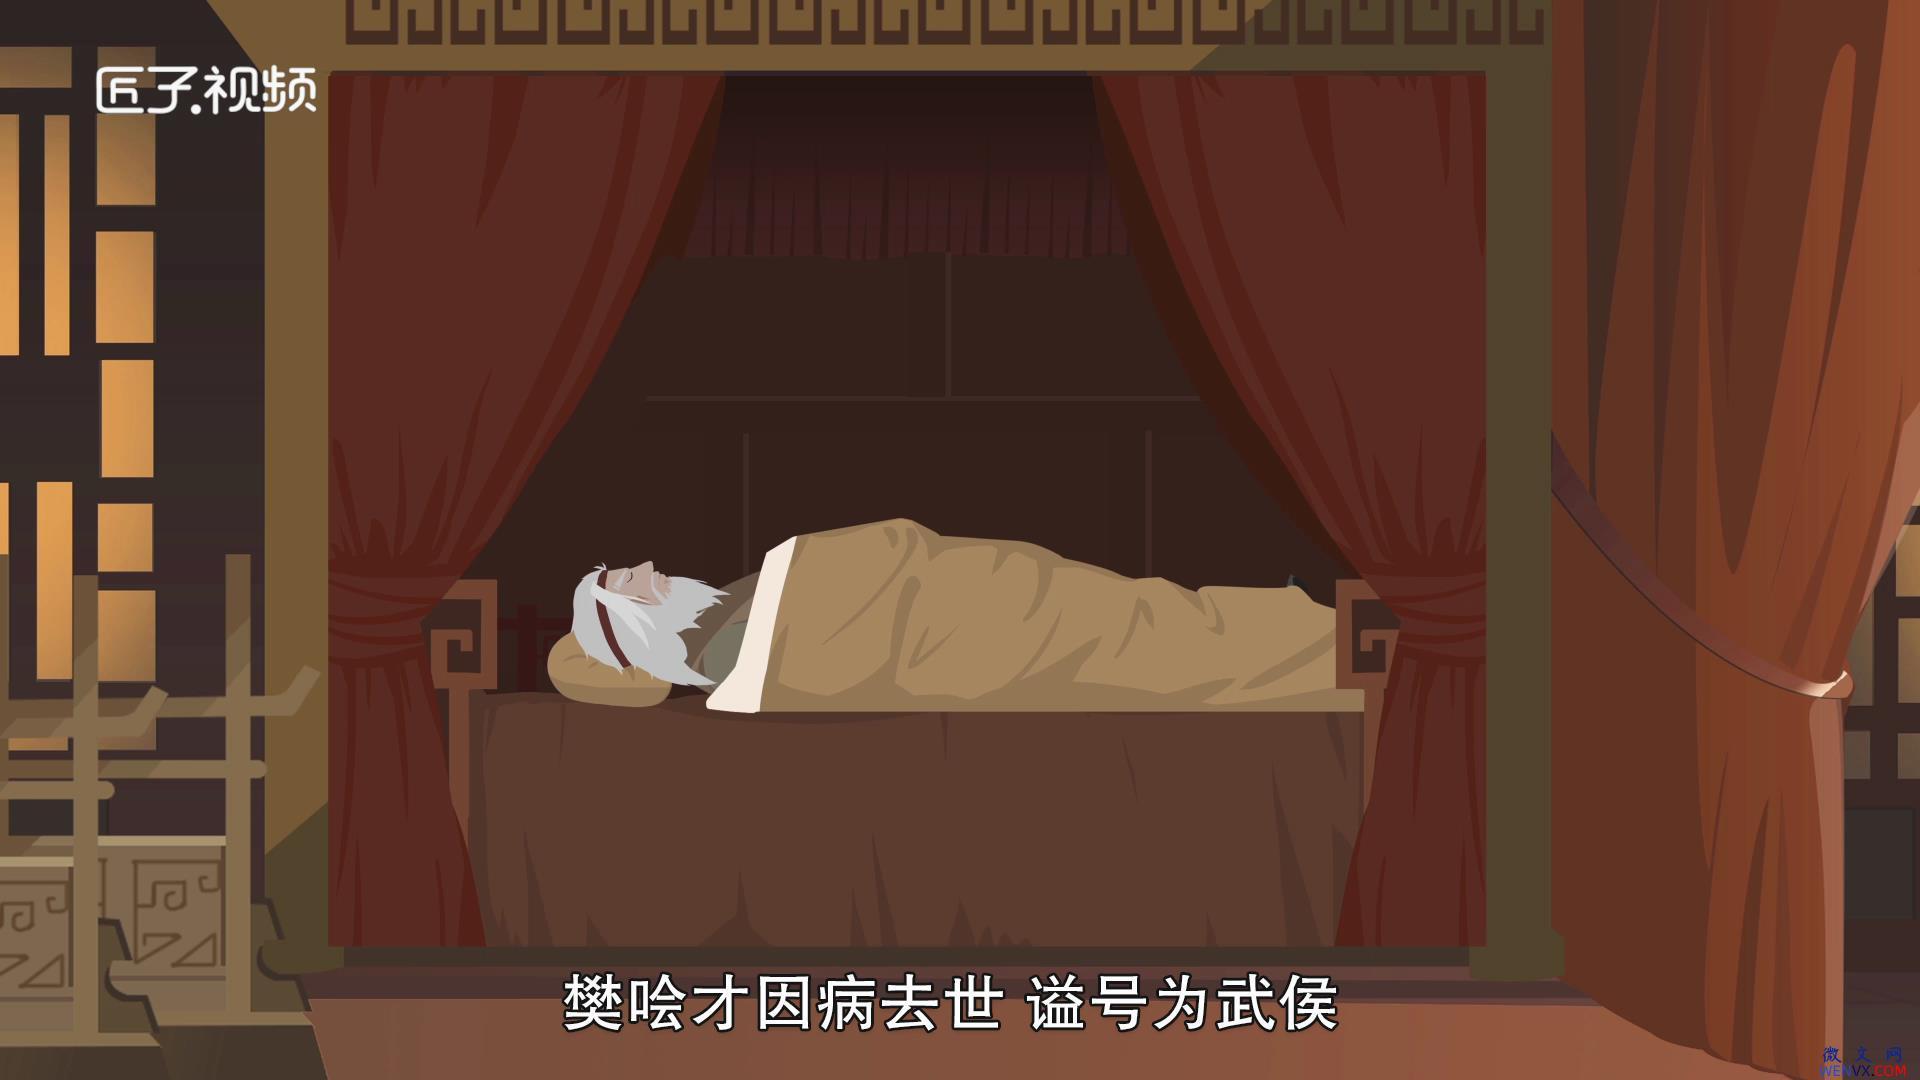 西汉的开国元勋—樊哙将军 第2张